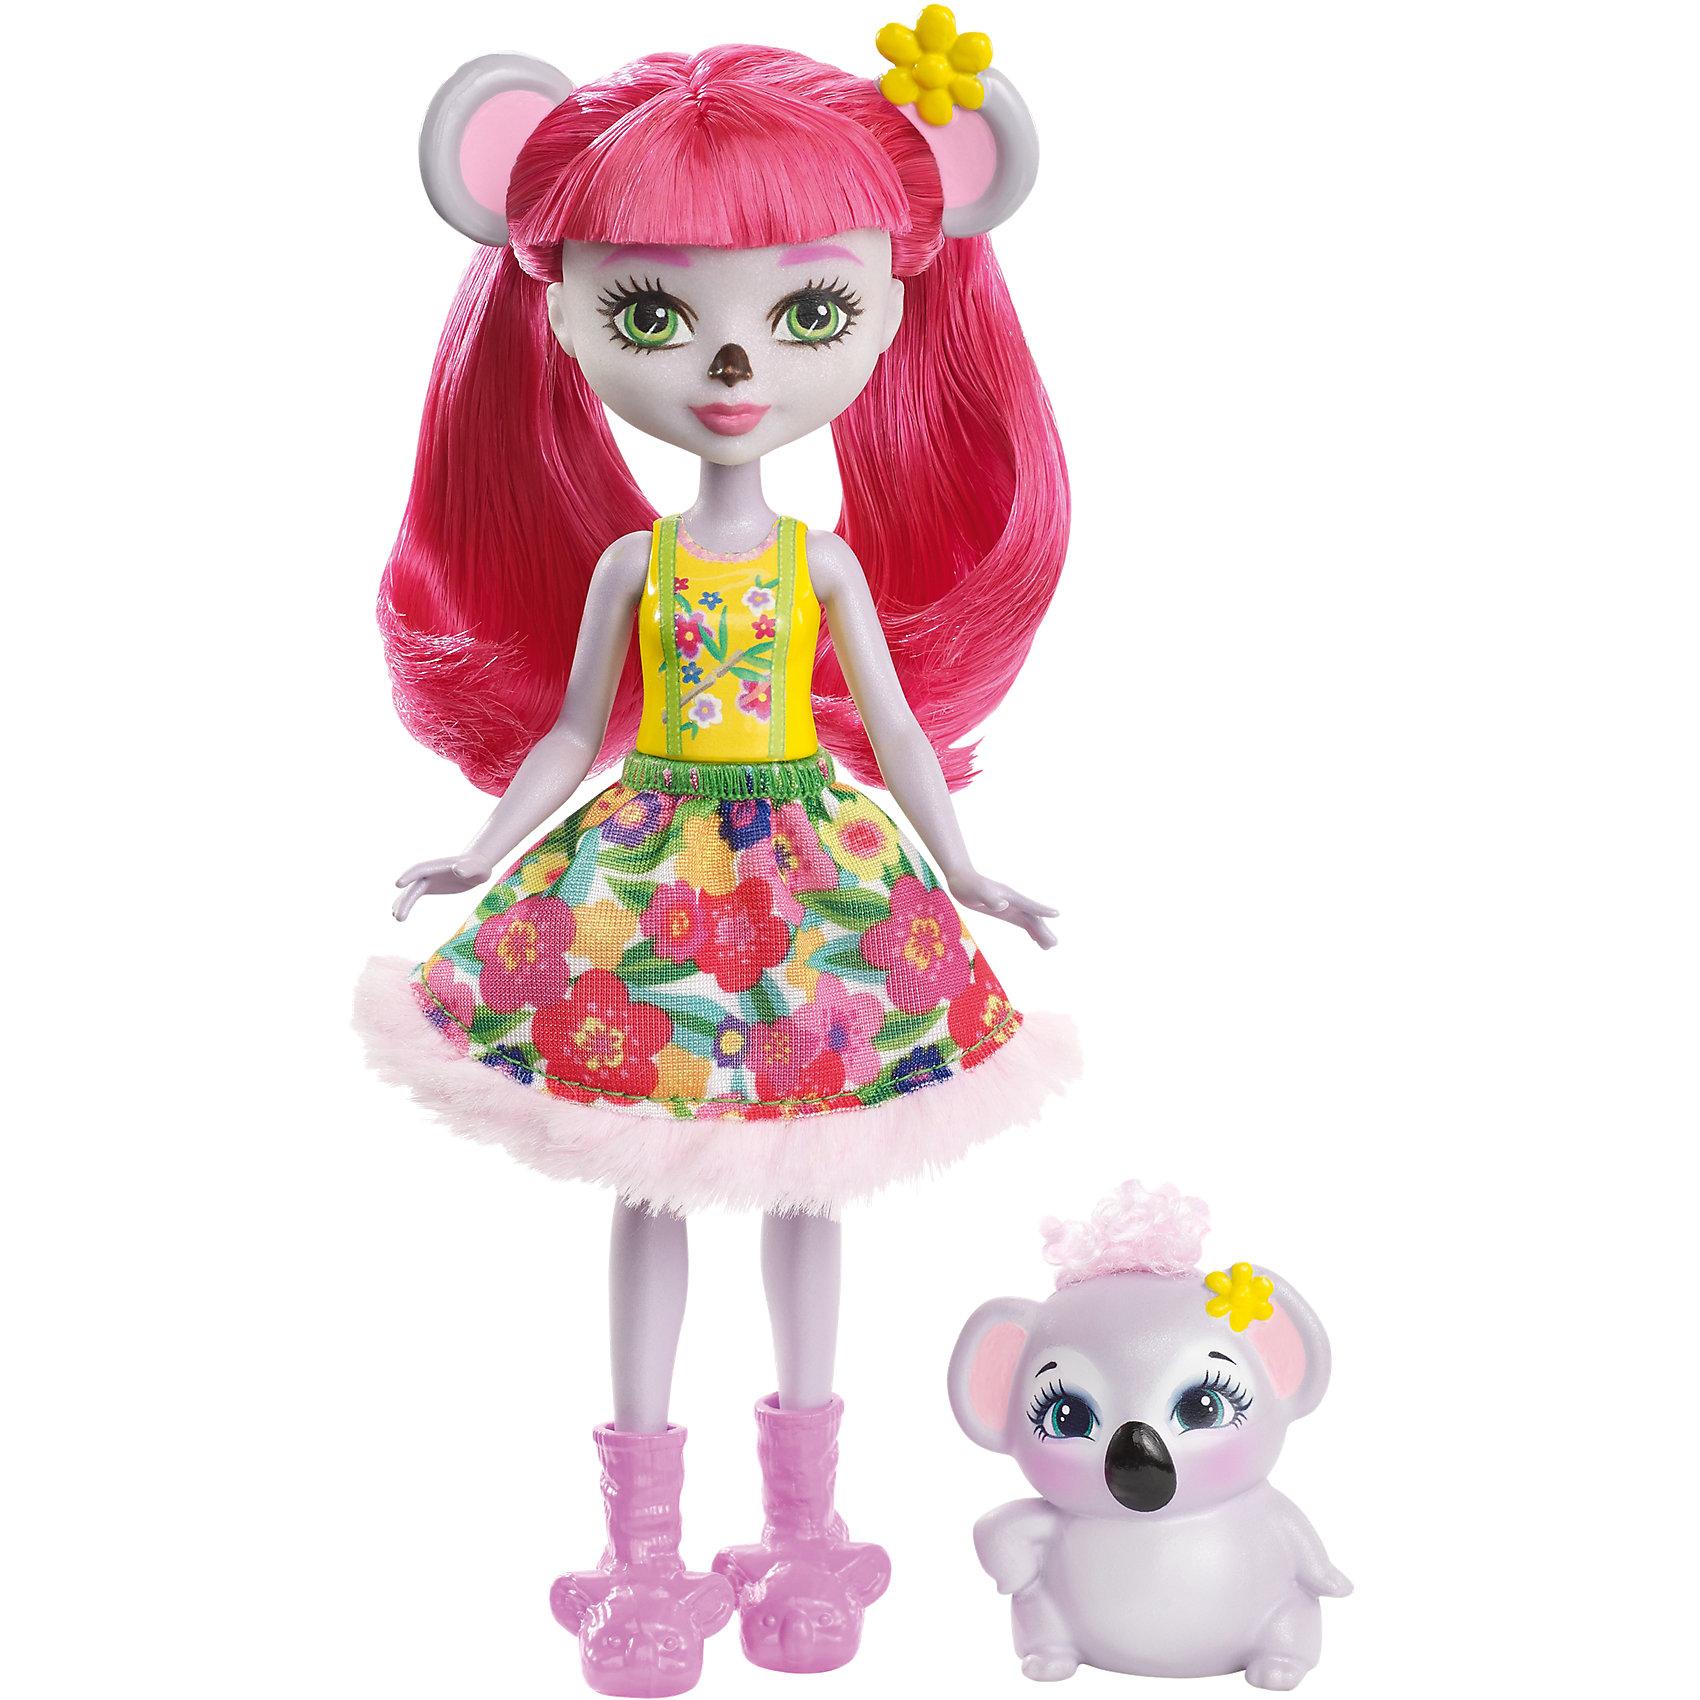 Кукла-коала Enchantimals КаринаМини-куклы<br>Характеристики товара:<br><br>• возраст: от 3 лет;<br>• пол: девочка;<br>• материал: пластик, текстиль<br>• высота куклы: 15 см;<br>• в комплекте : кукла, фигурка питомца; <br>• подвижные руки, ноги и голова кукол;<br>• мягкие волосы, которые можно расчесывать;                                         <br>• страна-производитель: Индонезия;                                    <br>• размер упаковки: 5,5х10х32,5 см.<br><br>Новинка от Mattel!!!<br>Перед вами Карина Коала и ее милая пушистая коала Деб. Они так похожи! У Карины есть ушки и тёмный носик как у коалы. А еще у нее зелёные глазки, светло-серая кожа и длинные розовые волосы, которые можно расчёсывать. <br><br>Наряд Карины просто очарователен: жёлтый верх и пышная белая юбка с цветочным принтом и мехом. А еще на ножках нашей героини красуются туфельки в виде коал, дополняющие образ.<br><br>У коалы Деб милая мордочка, лапки и ушки, большие глазки и пушистый мех.<br><br>Куклу Карина Коала от Mattel можно купить в нашем интернет-магазине.<br><br>Ширина мм: 125<br>Глубина мм: 55<br>Высота мм: 215<br>Вес г: 150<br>Возраст от месяцев: 72<br>Возраст до месяцев: 120<br>Пол: Женский<br>Возраст: Детский<br>SKU: 6739701